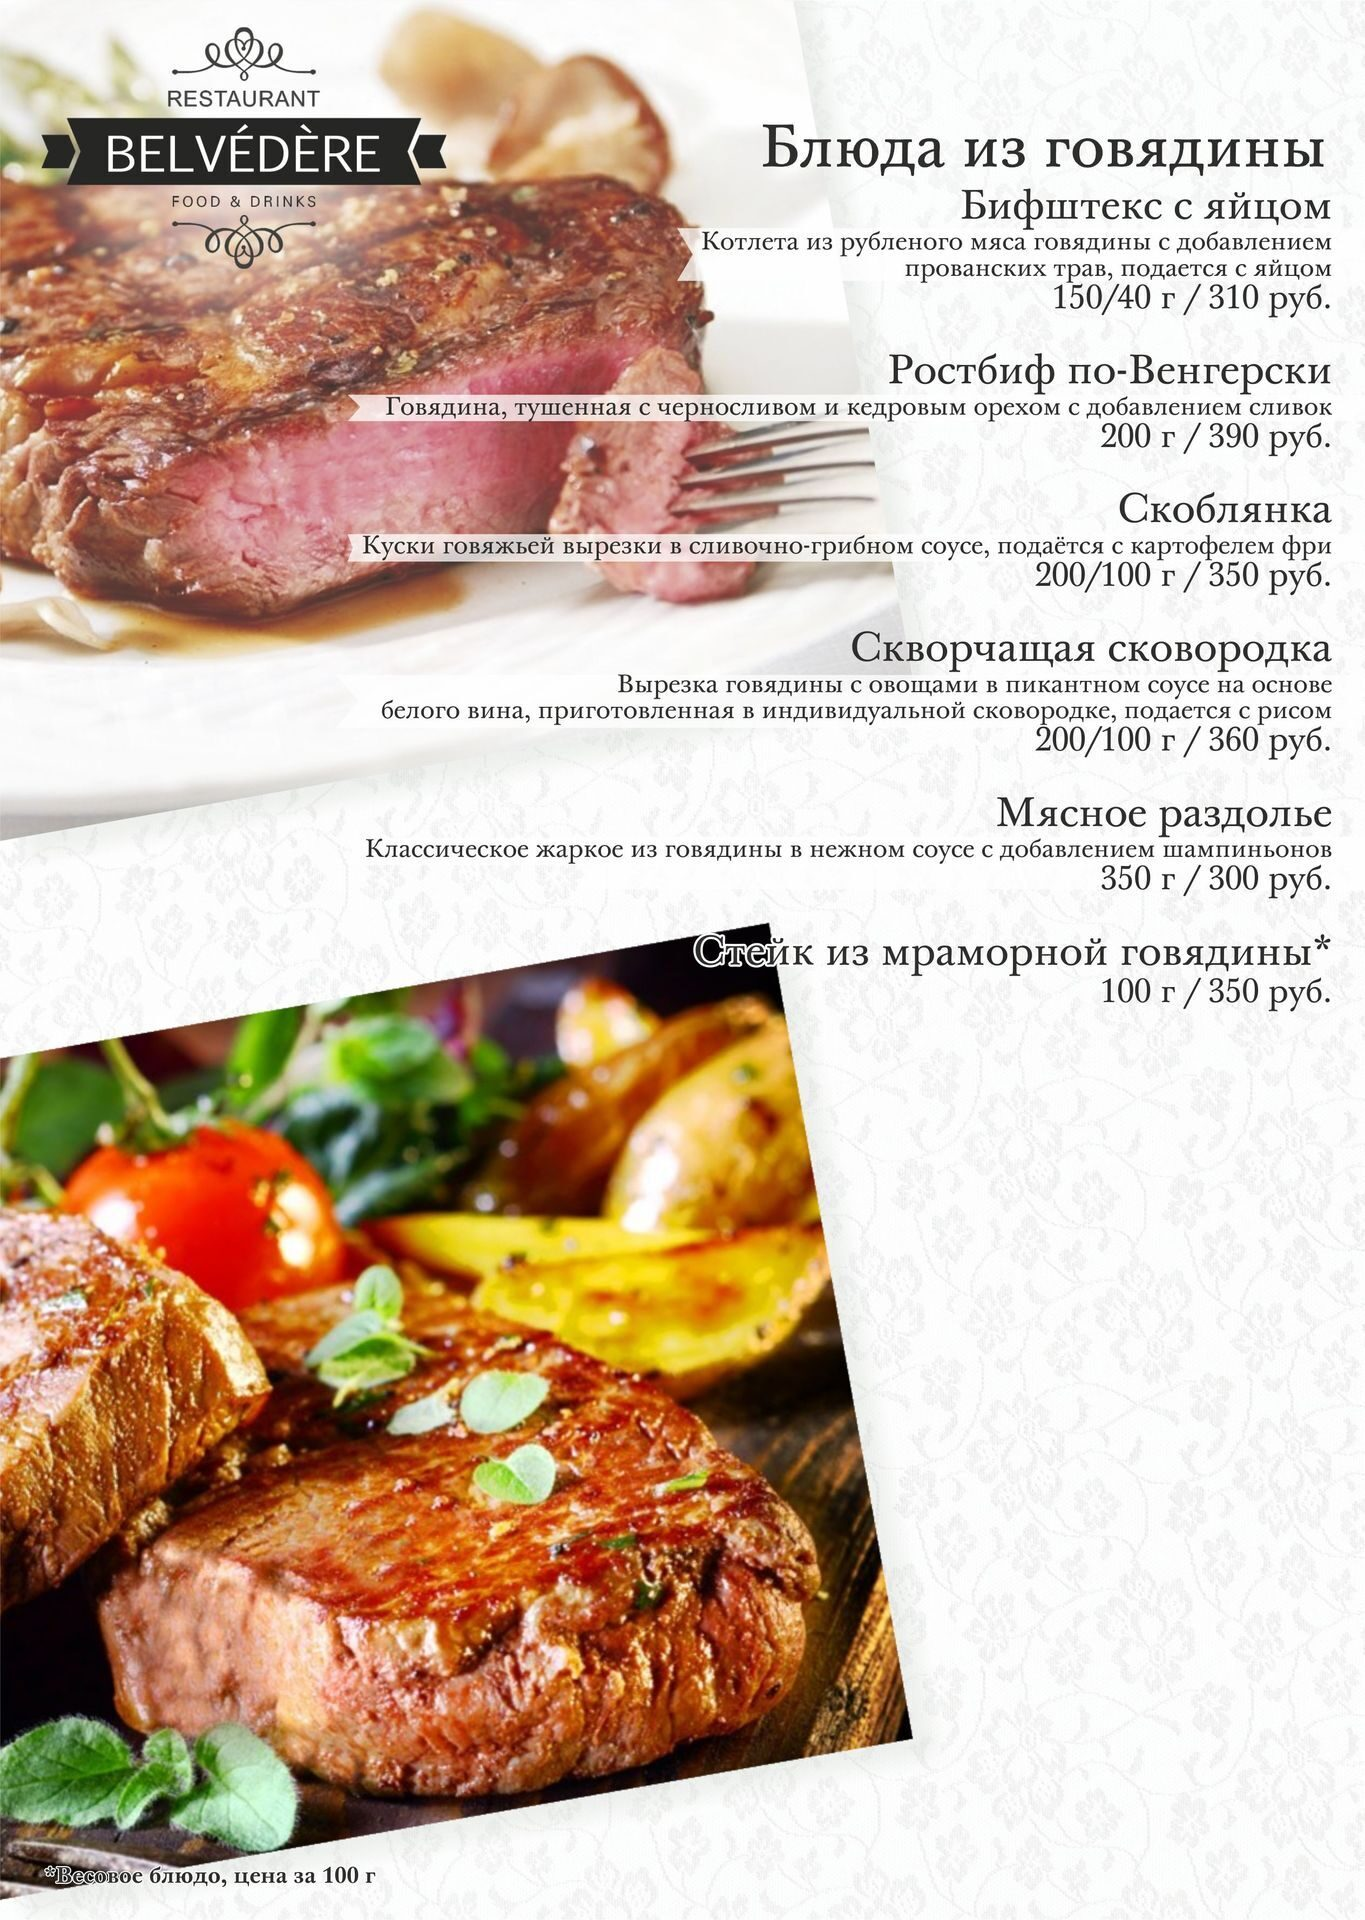 Рецепт блюд из говядины для детей